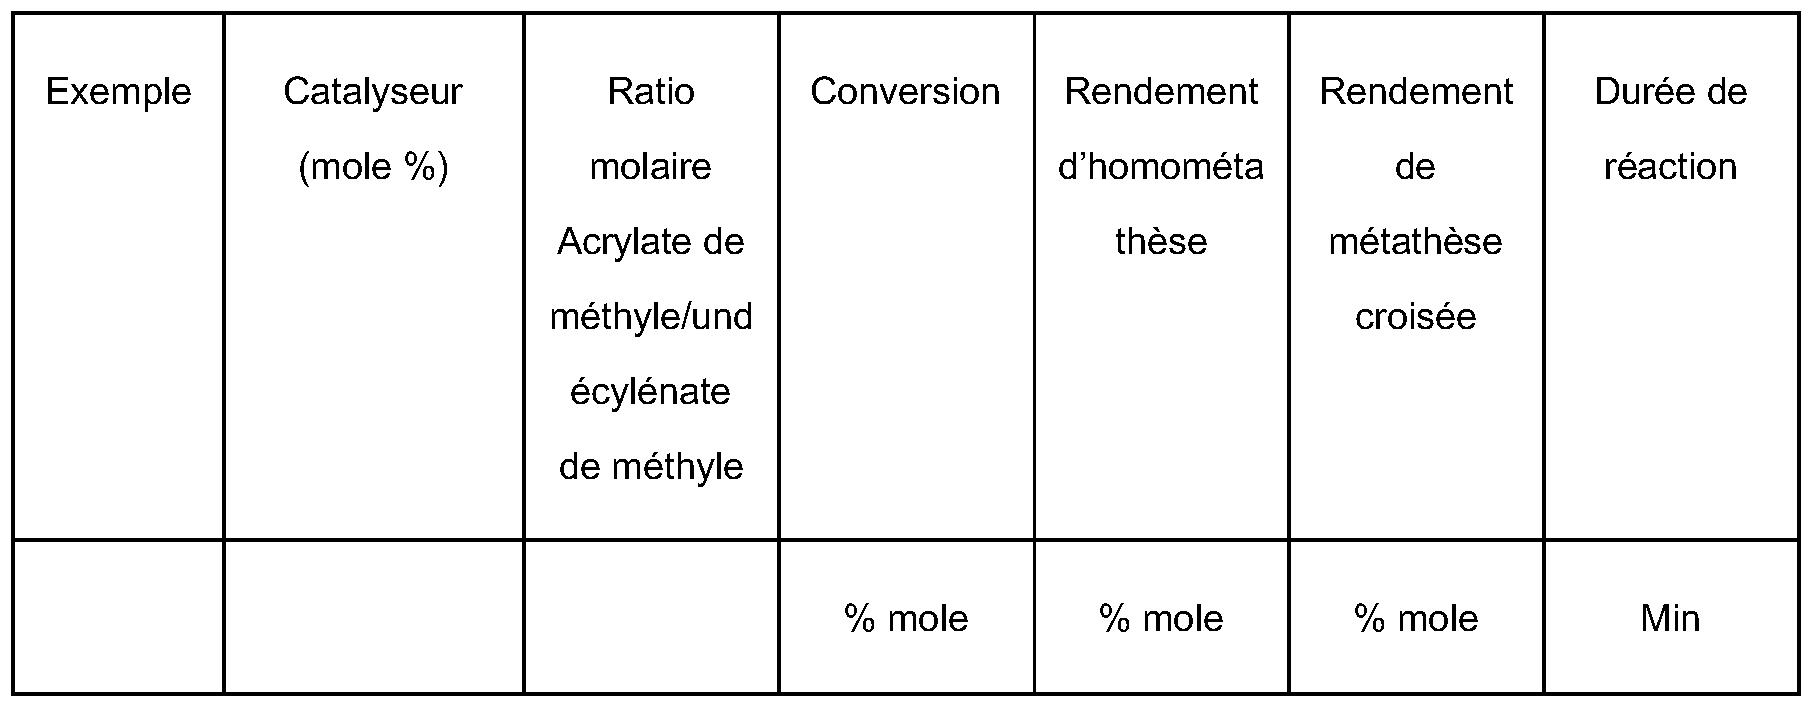 undecylenate de methyle